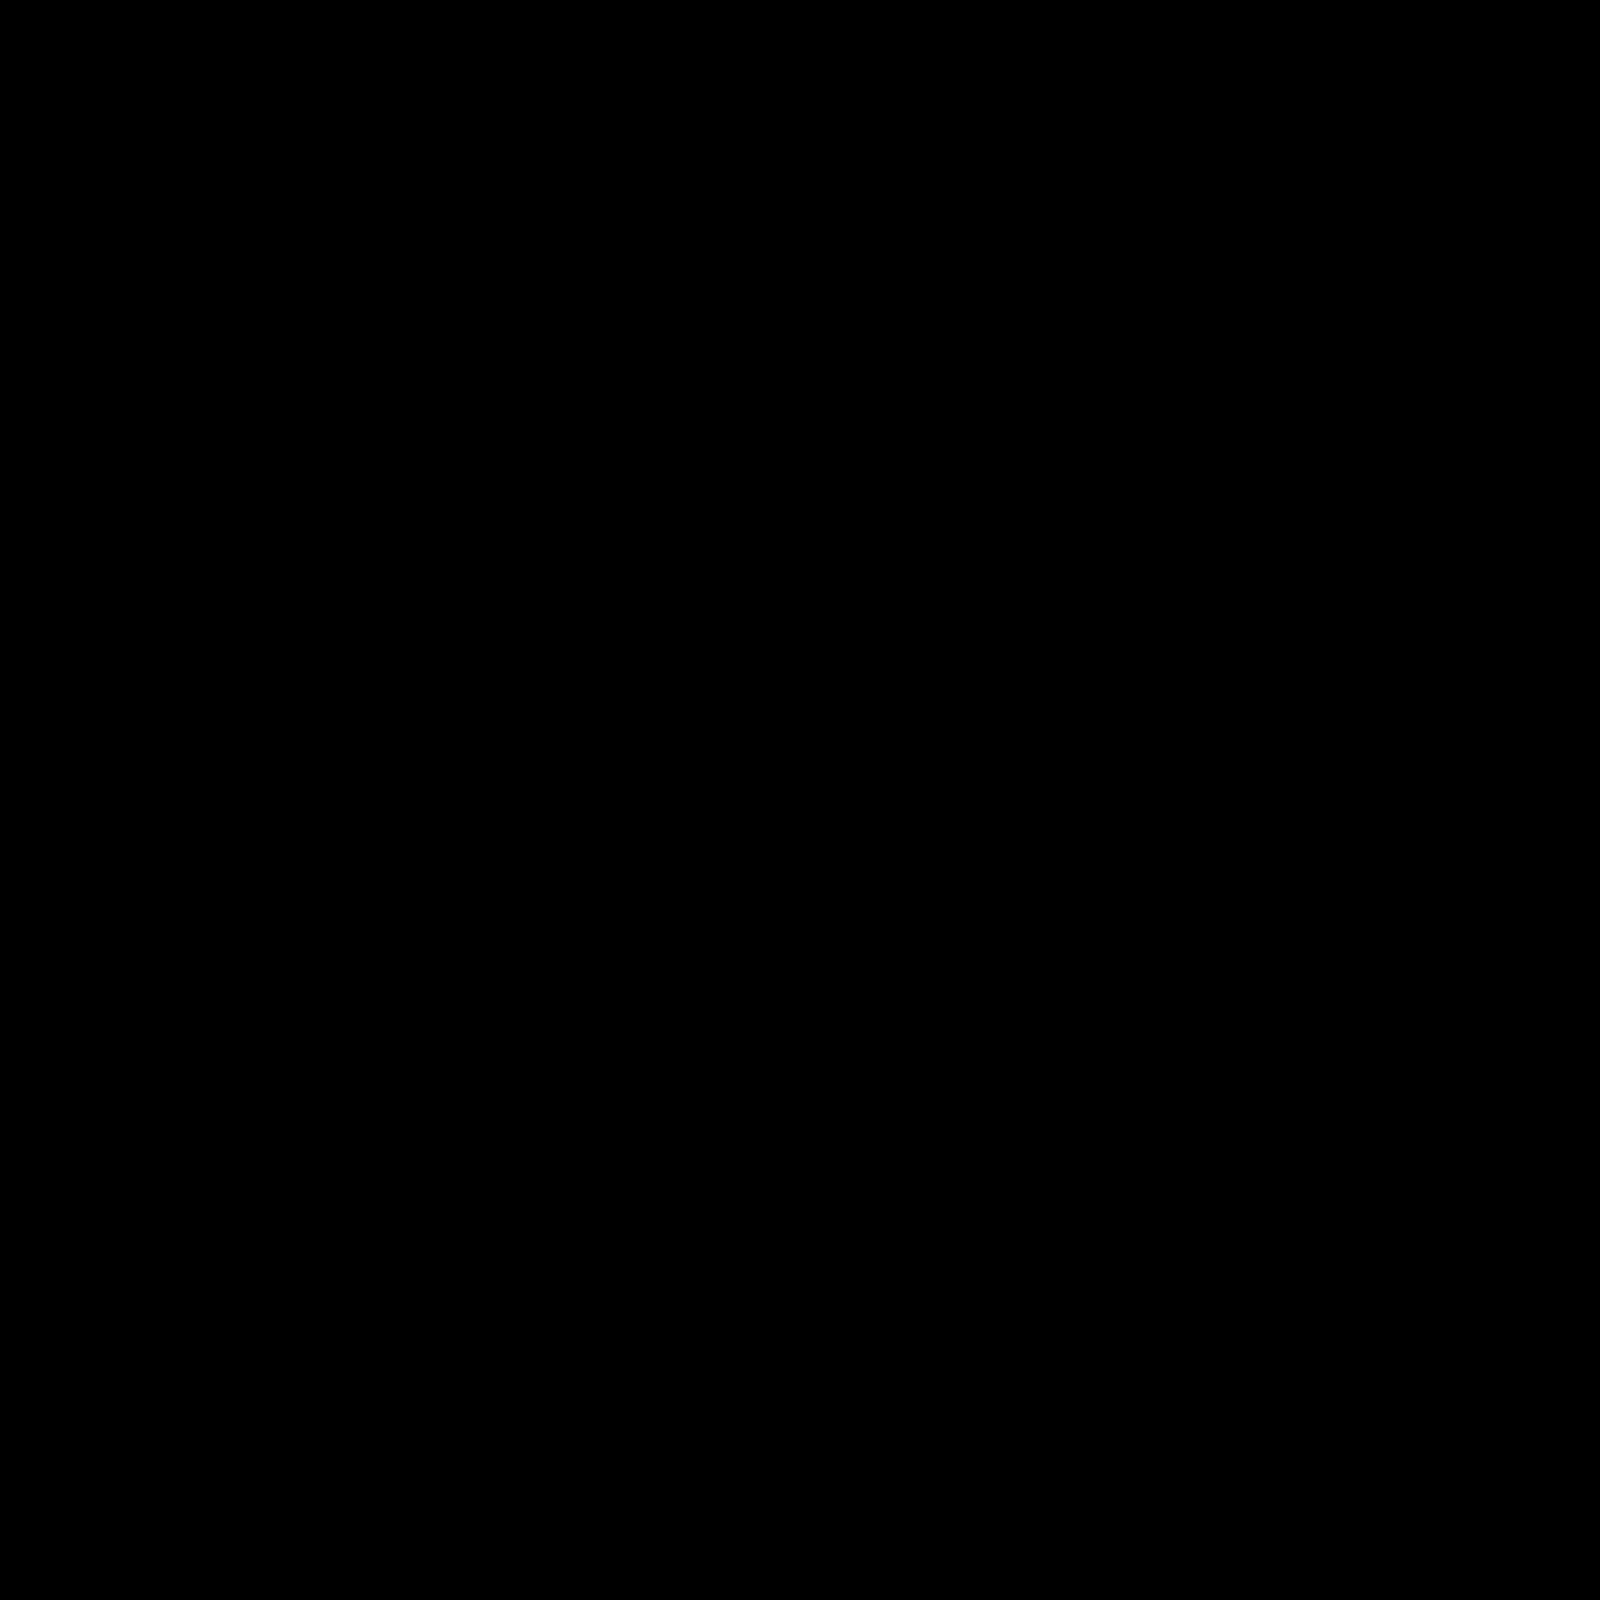 Cuarto menguante Icono - descarga gratuita, PNG y vector